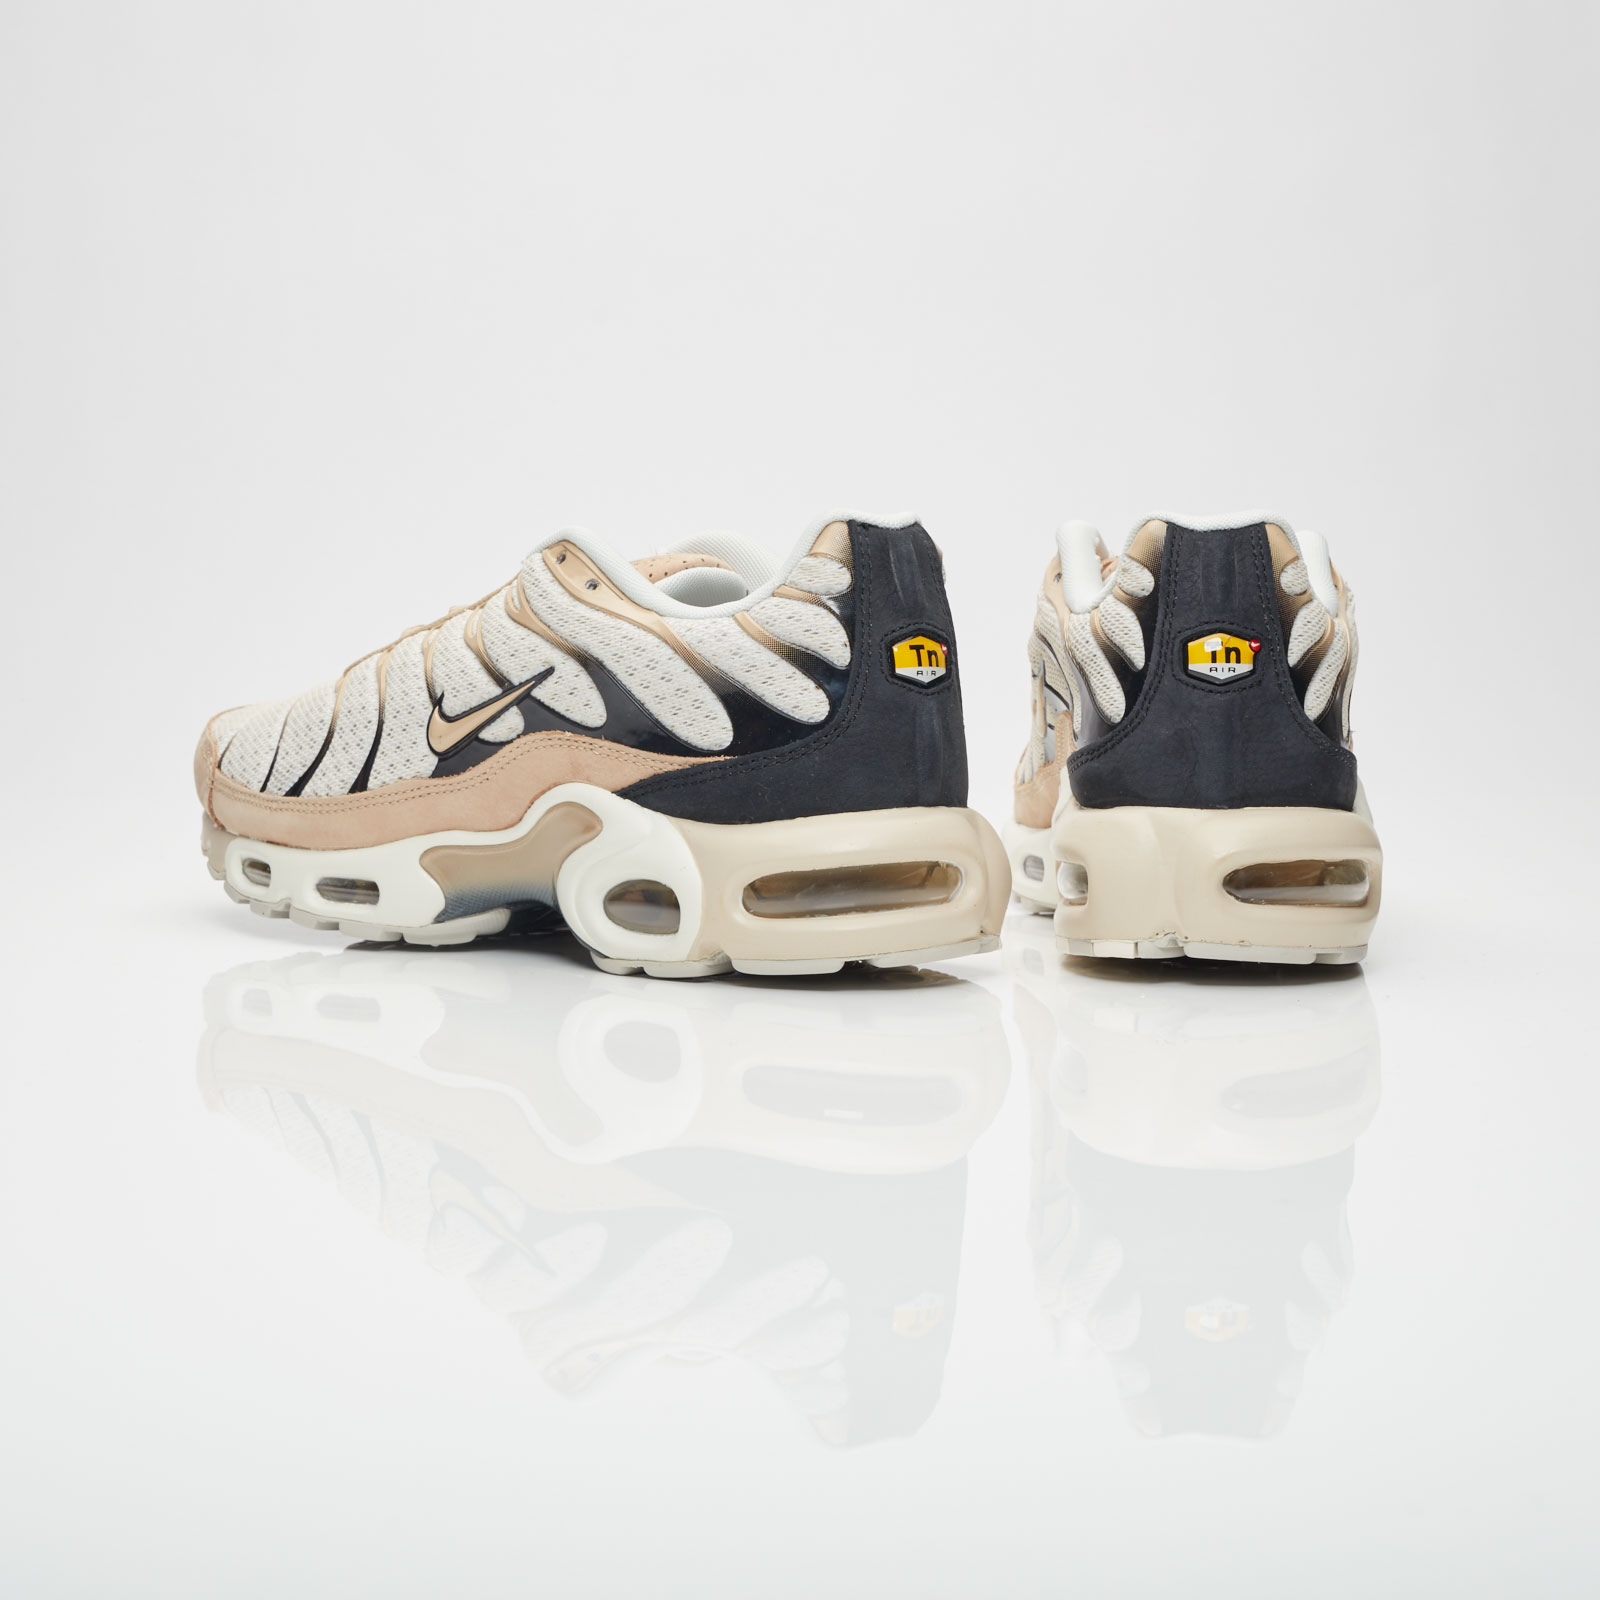 ae558f9543 Nike Air Max Plus - 898018-002 - Sneakersnstuff | sneakers & streetwear  online since 1999